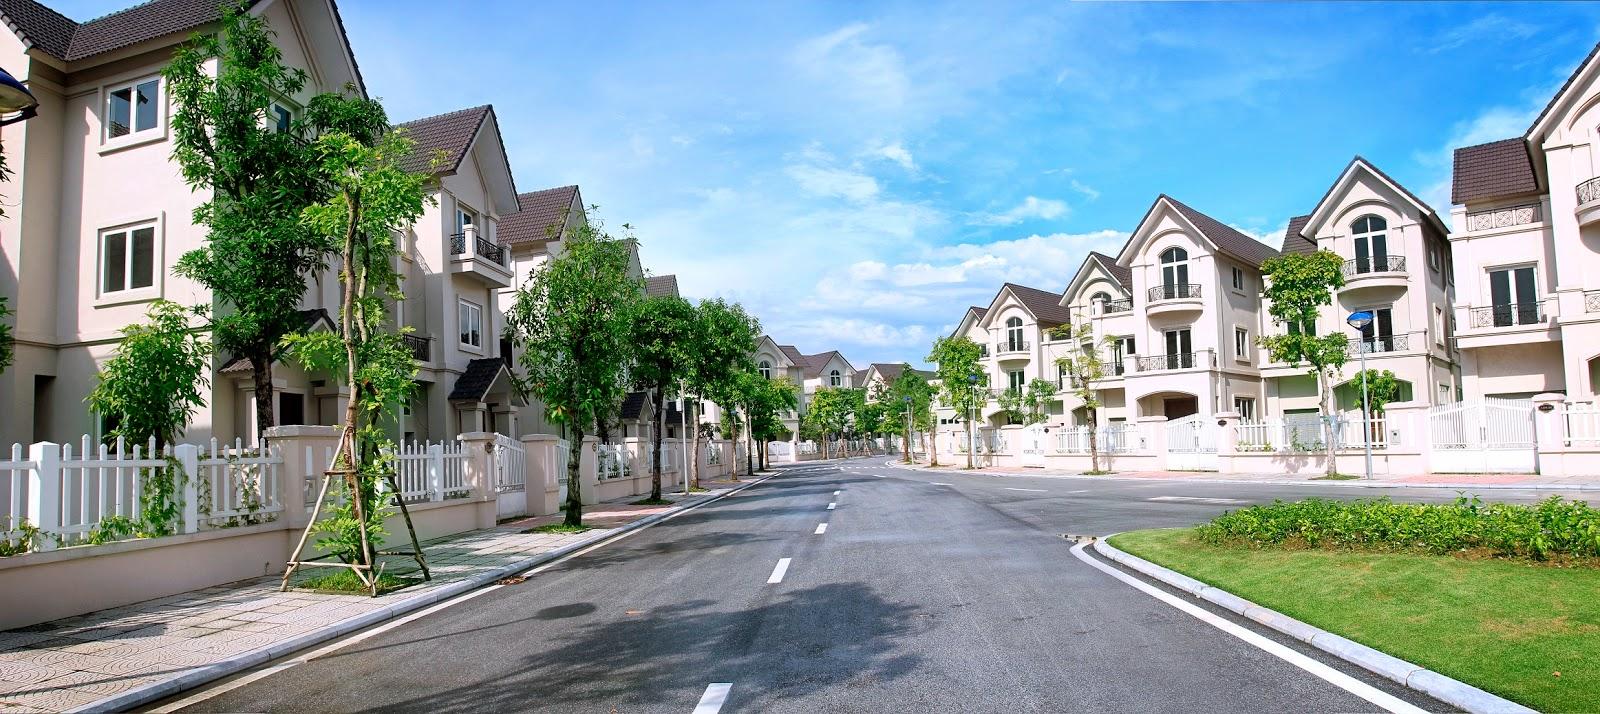 TP.HCM: Thị trường nhà phố, biệt thự giảm mạnh trong quý 3 - Ảnh 1